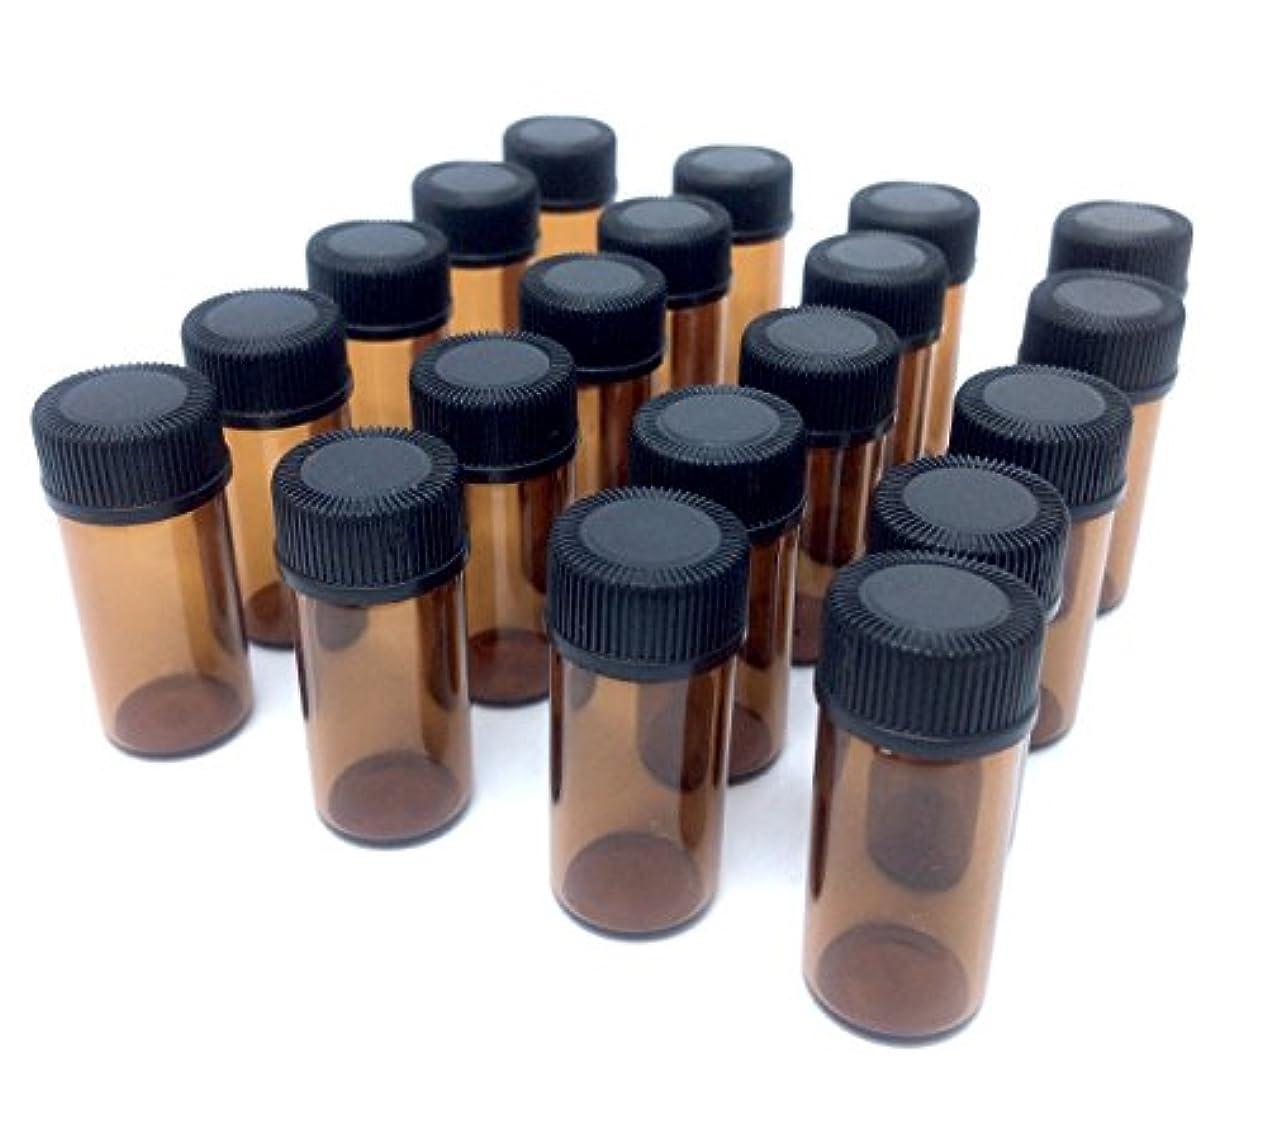 鎮痛剤アームストロング慣れているアロマオイル 遮光瓶 精油 小分け用 ガラス製 保存容器 20本 セット (3ml)